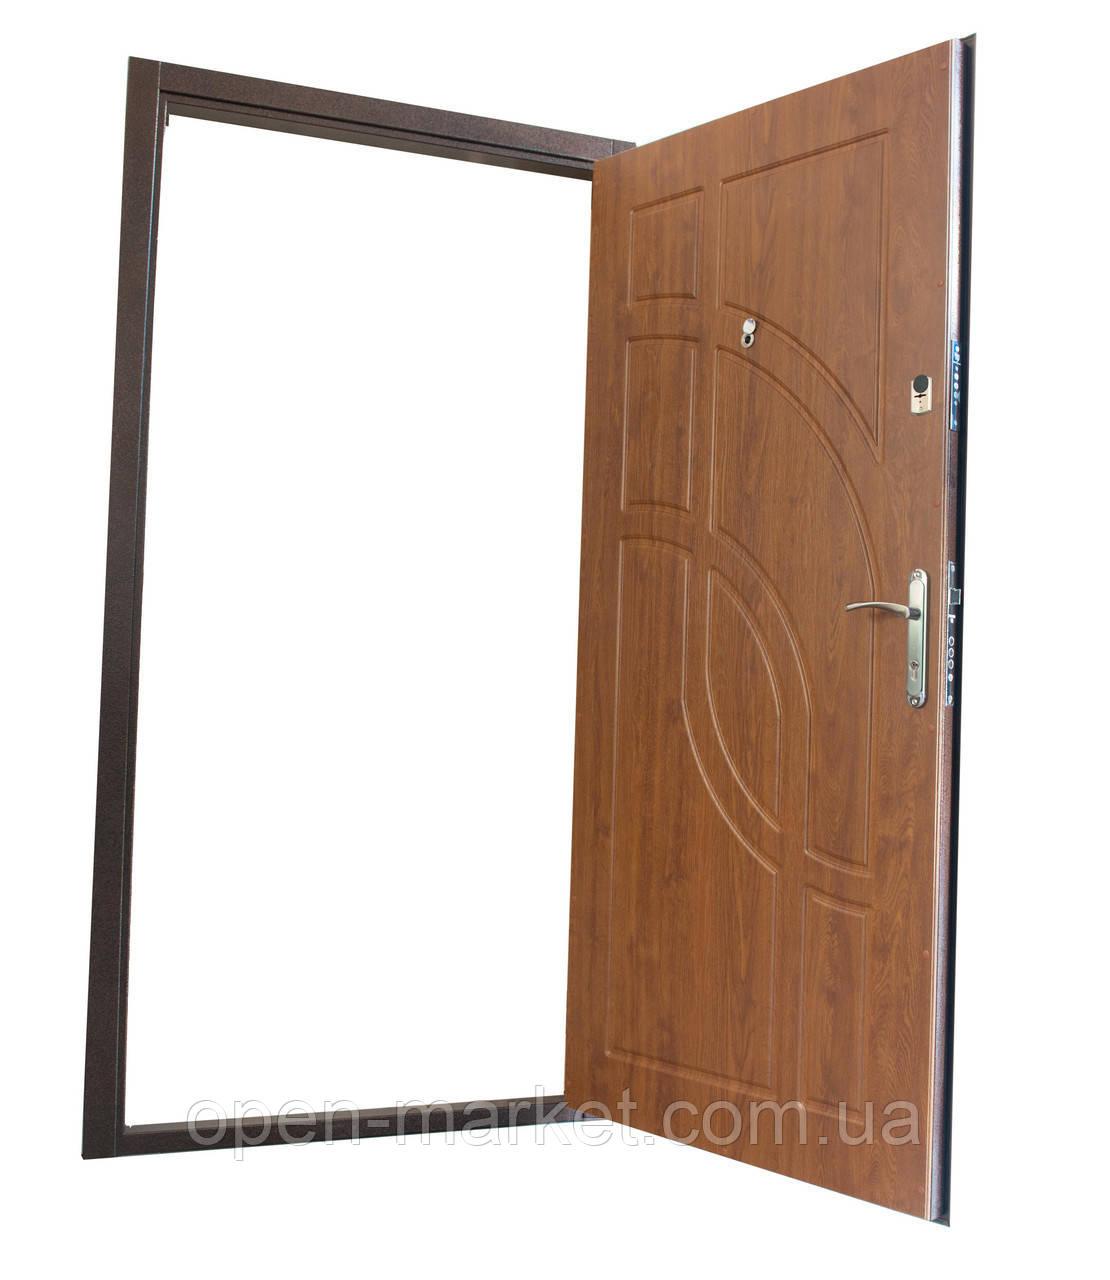 Двери уличные Шевченково Николаевская область